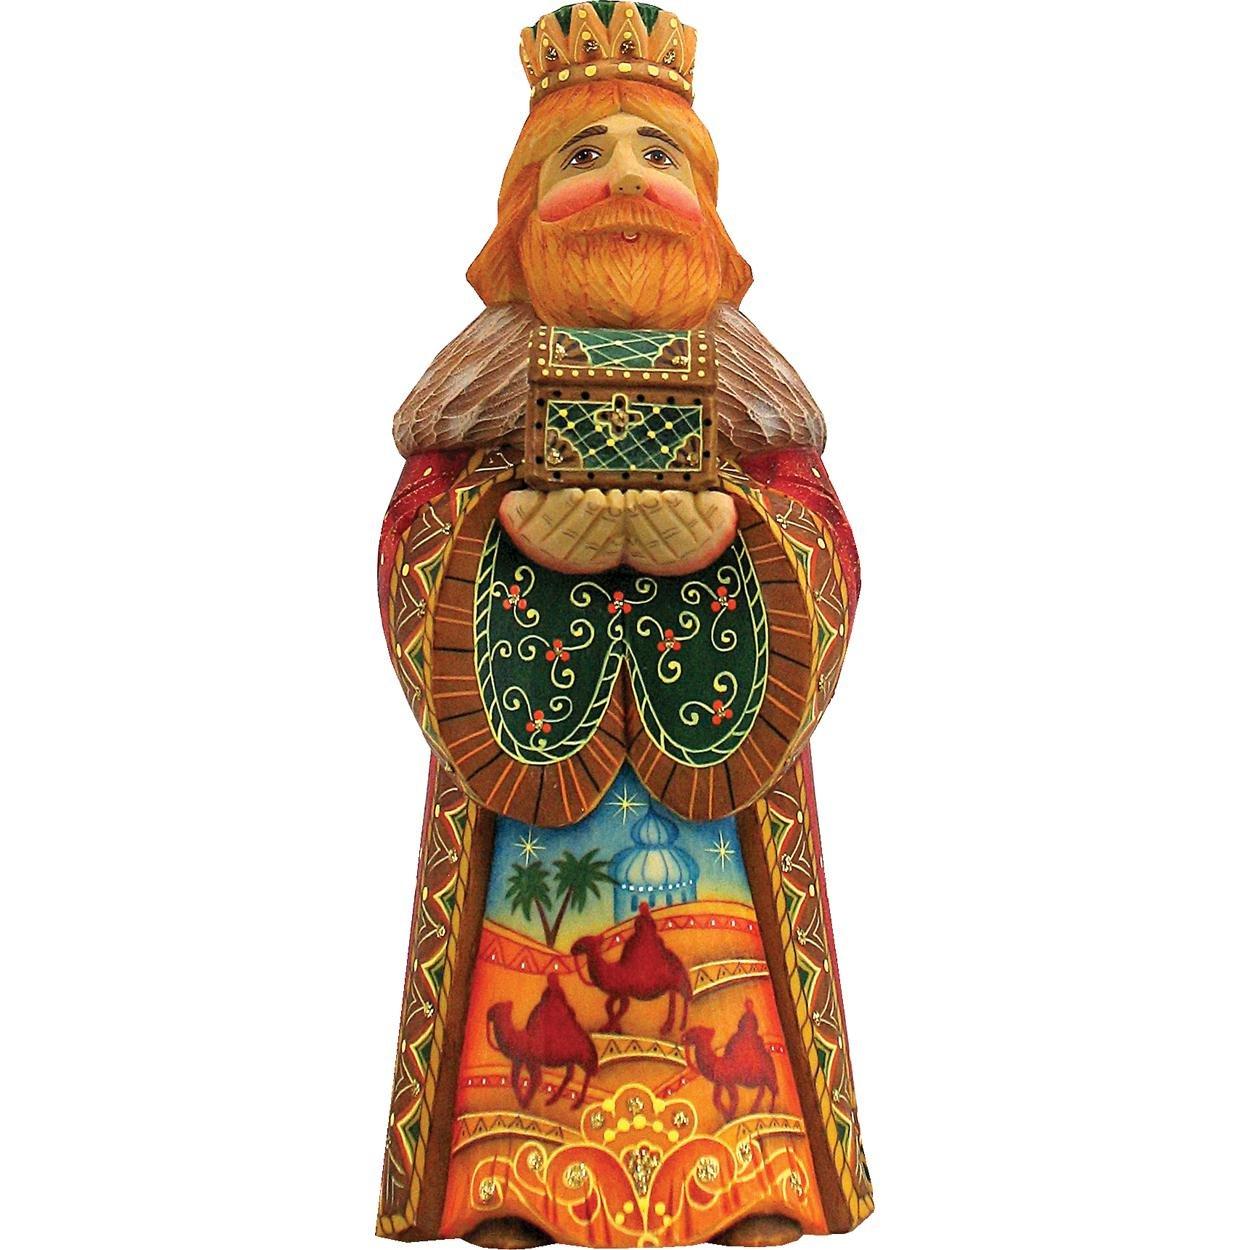 GDeBrekht 526322 King Melchior Folk Nativity B0051NYPZ2